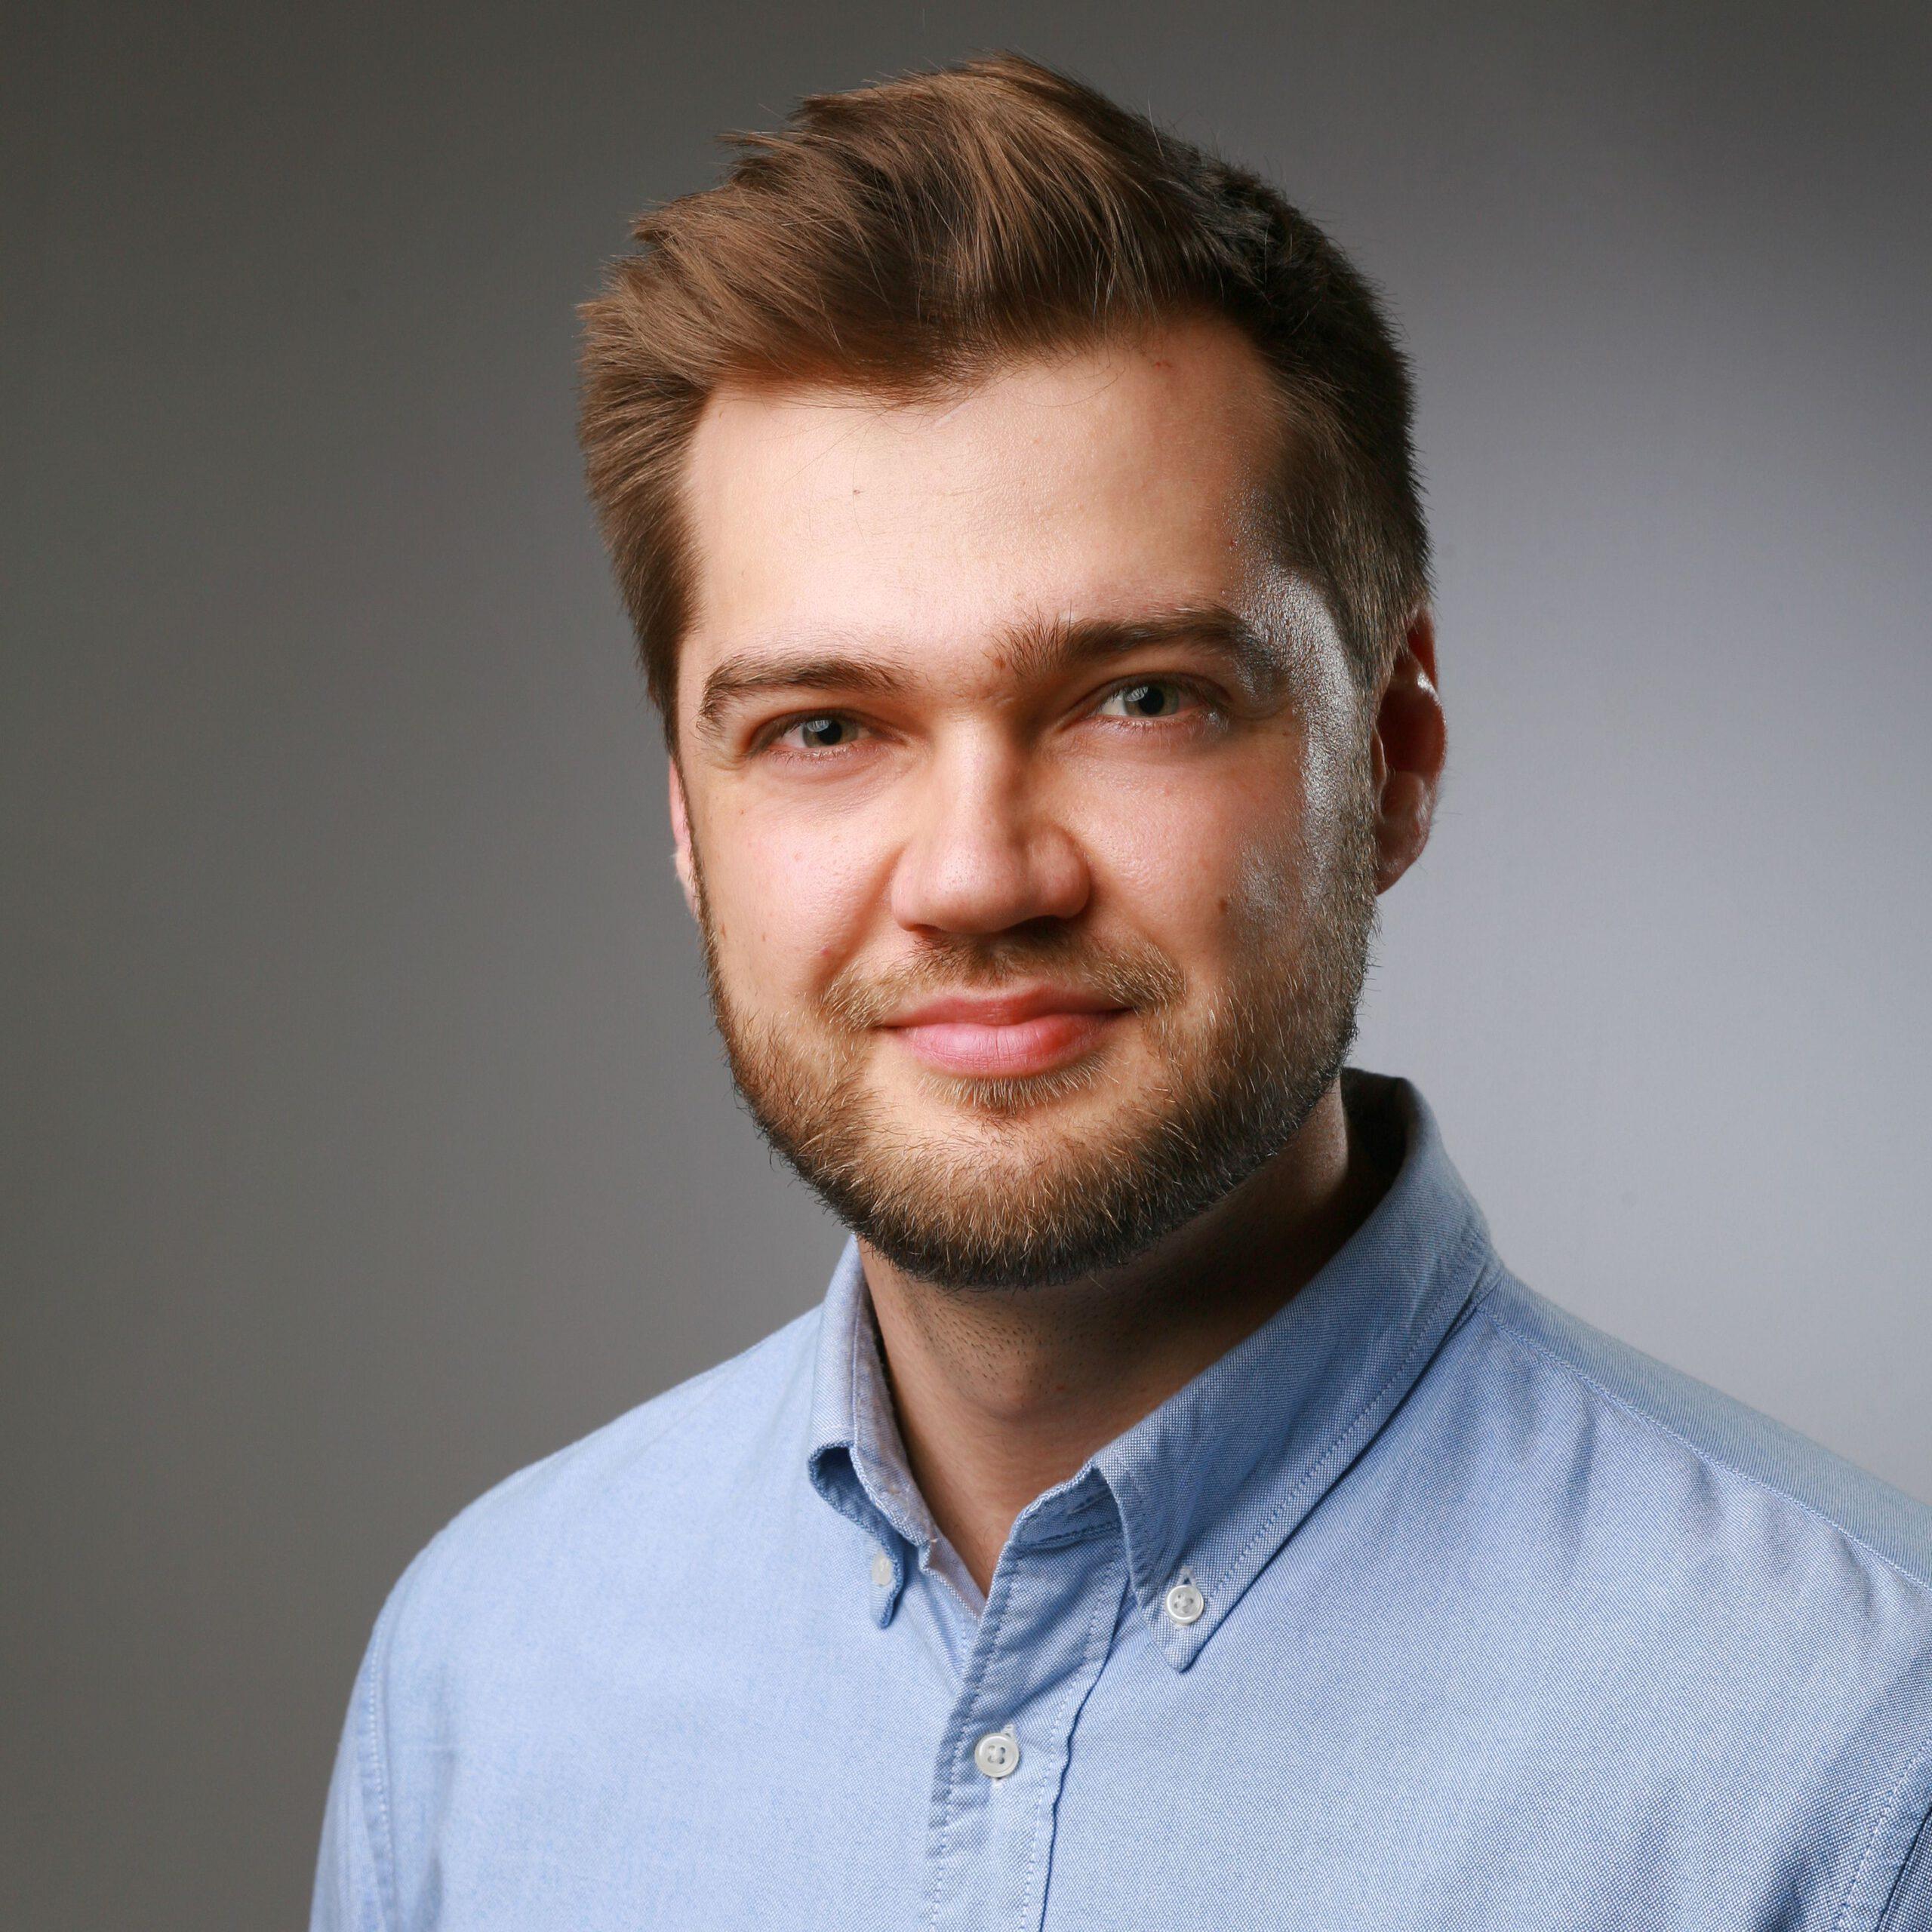 Florian Neukirch